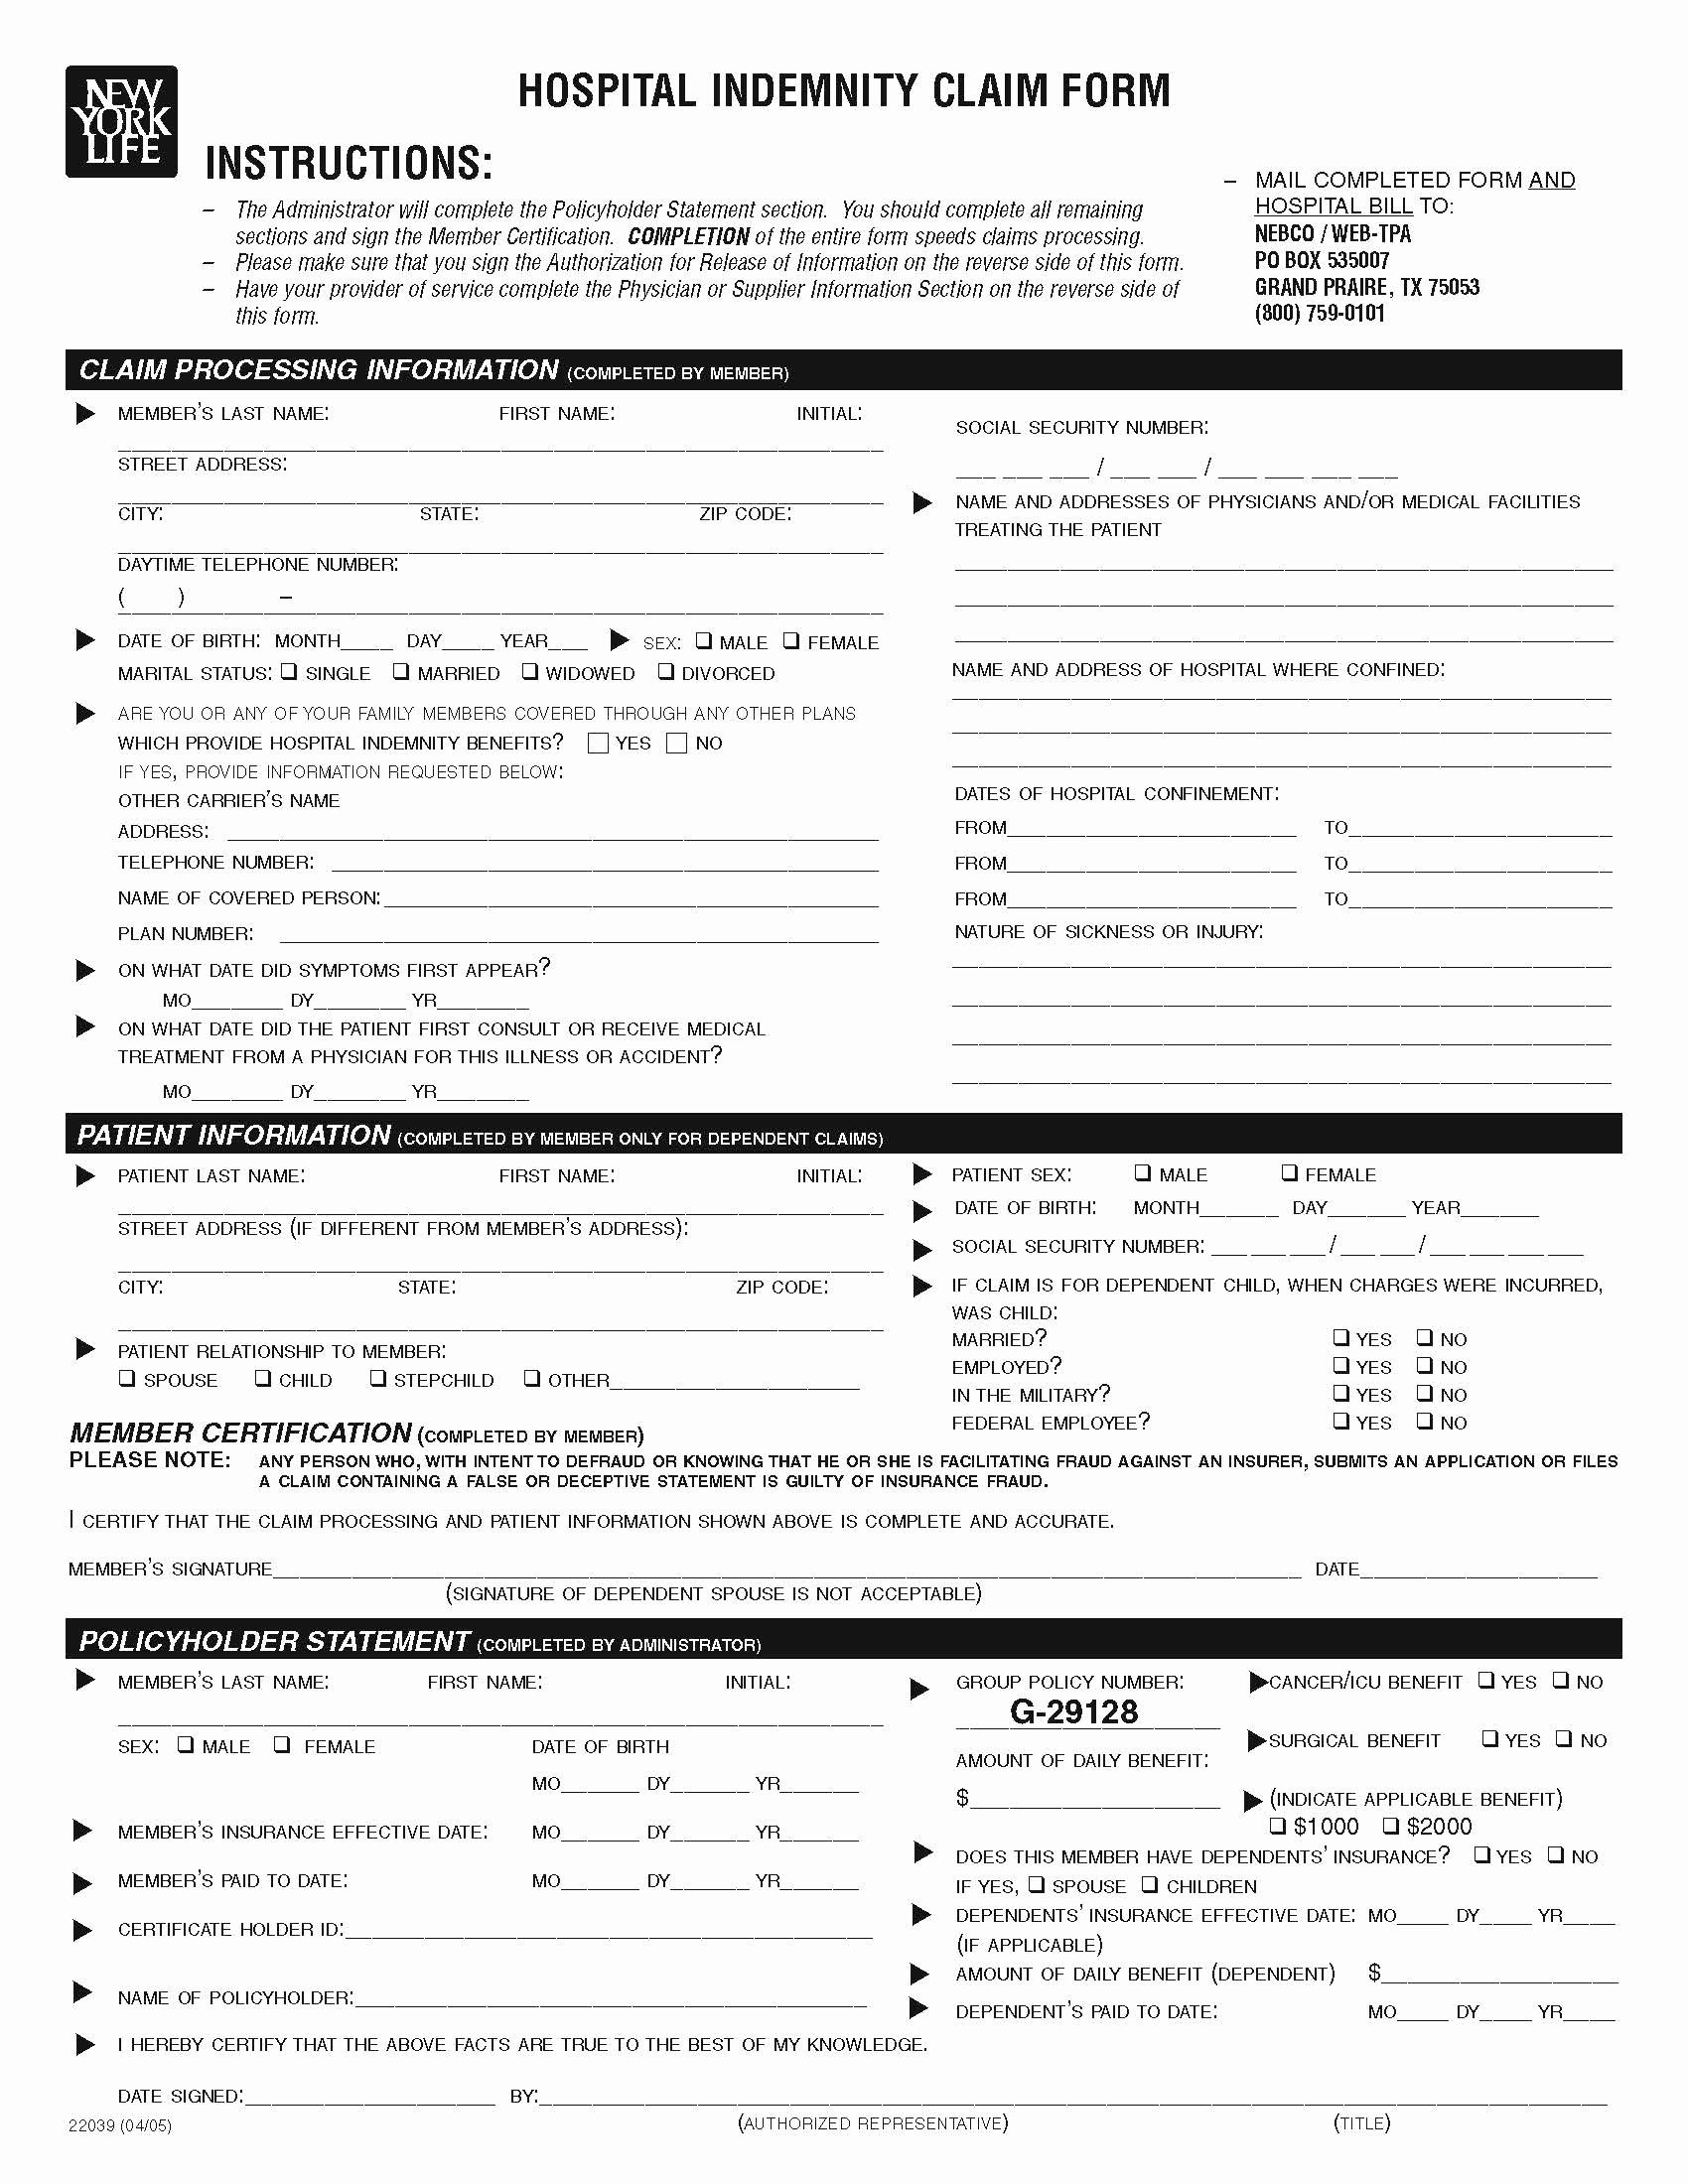 Www Pratcpasettlement Com Claim form Unique Claim forms